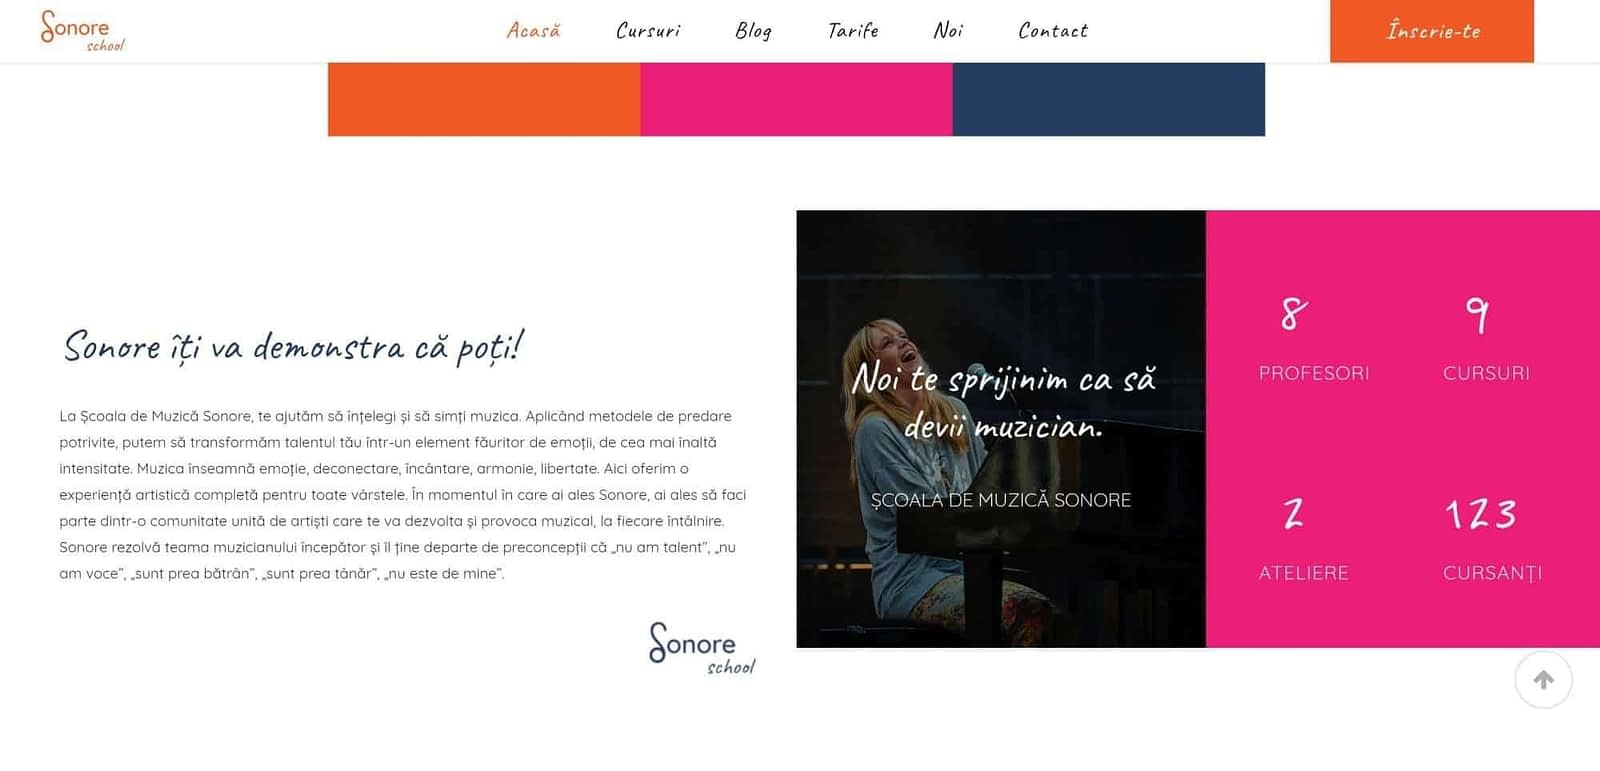 realizare site web, creare website, web design, design, website, UI design, Sonore, scoala de muzica, Toud, design